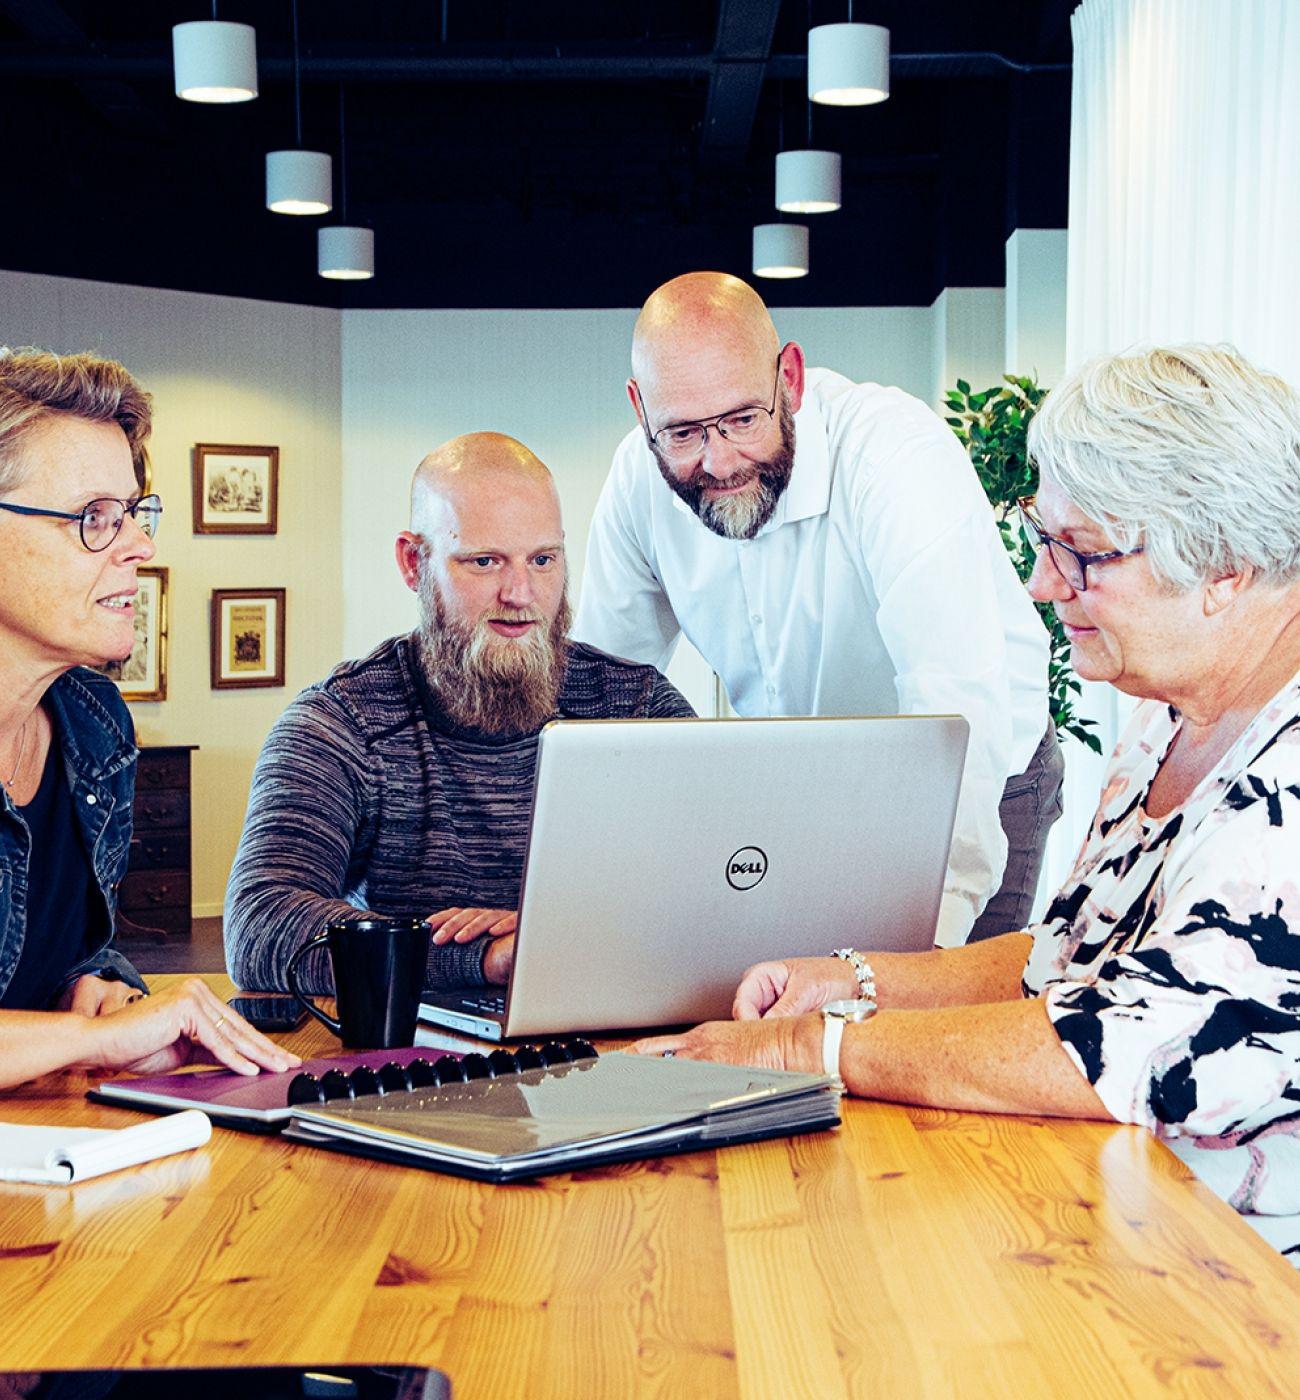 Zo voorkomt u discussie tussen commercie en financiën over nieuwe klanten